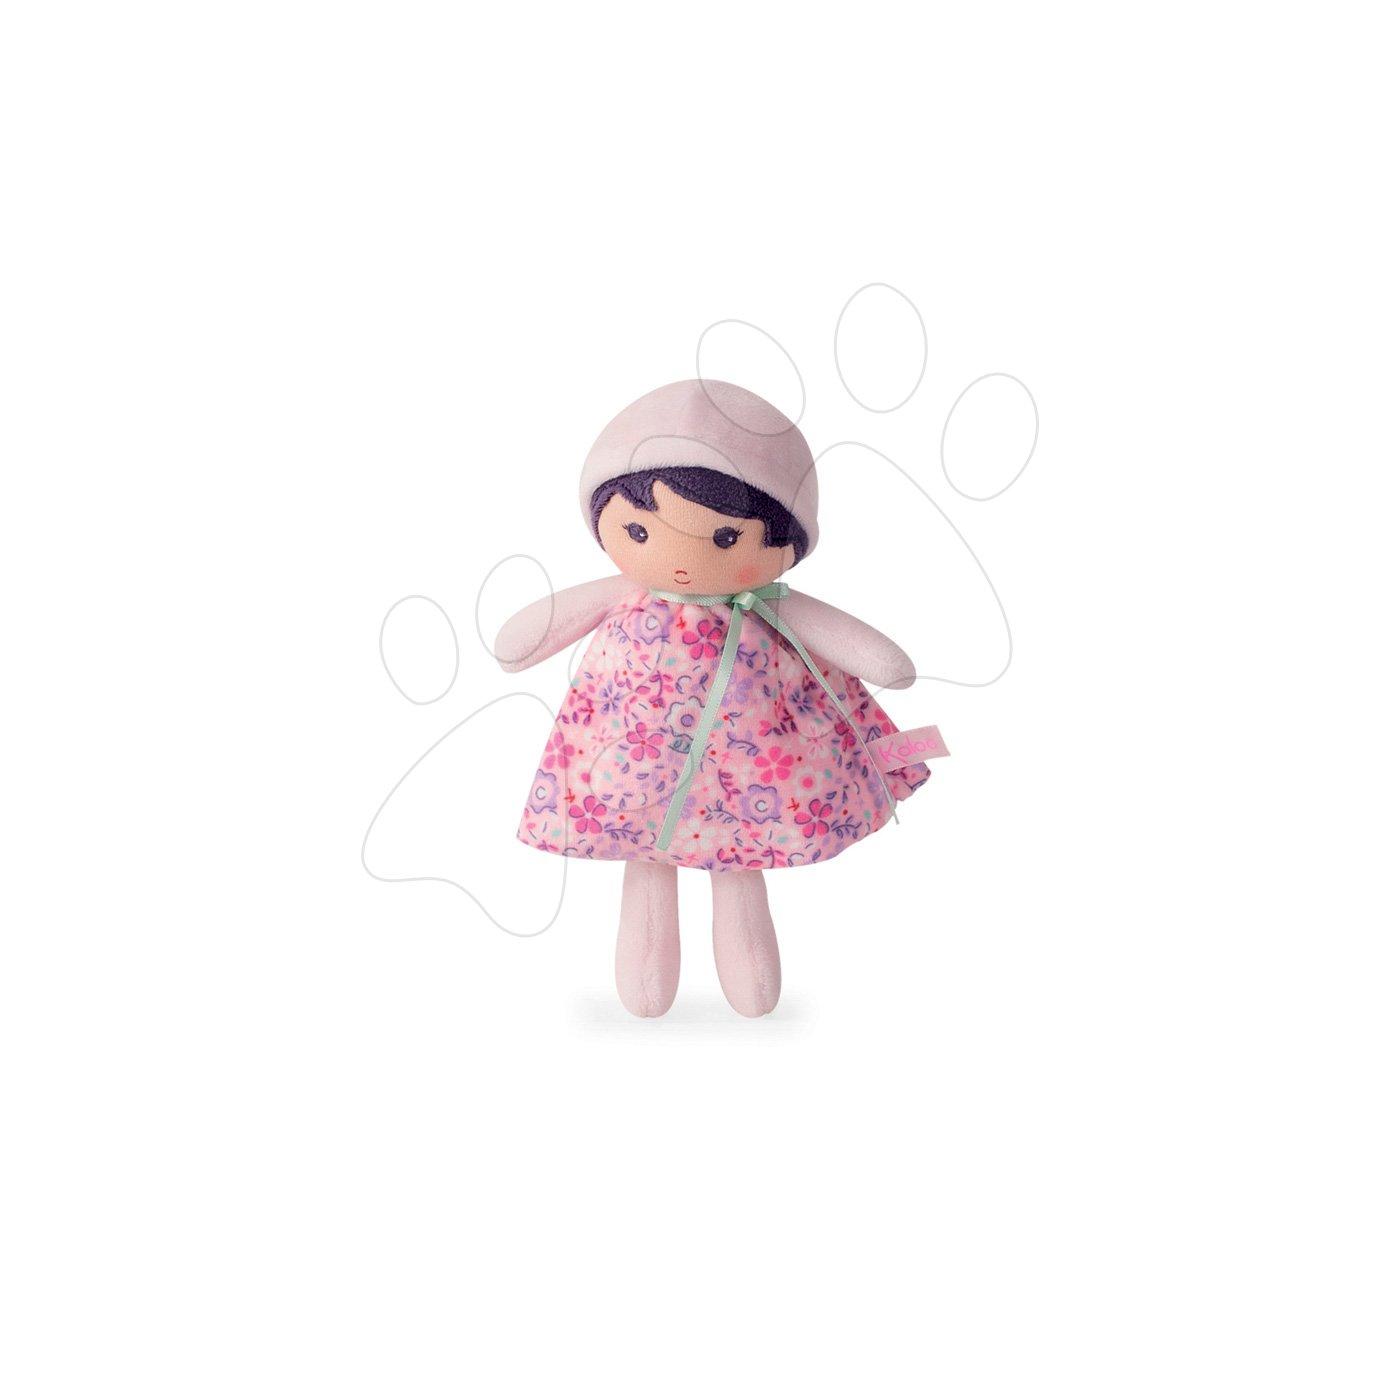 Kaloo panenka pro miminka Fleur K Tendresse 18 cm v květinových šatech z jemného textilu v dárkovém balení 962091